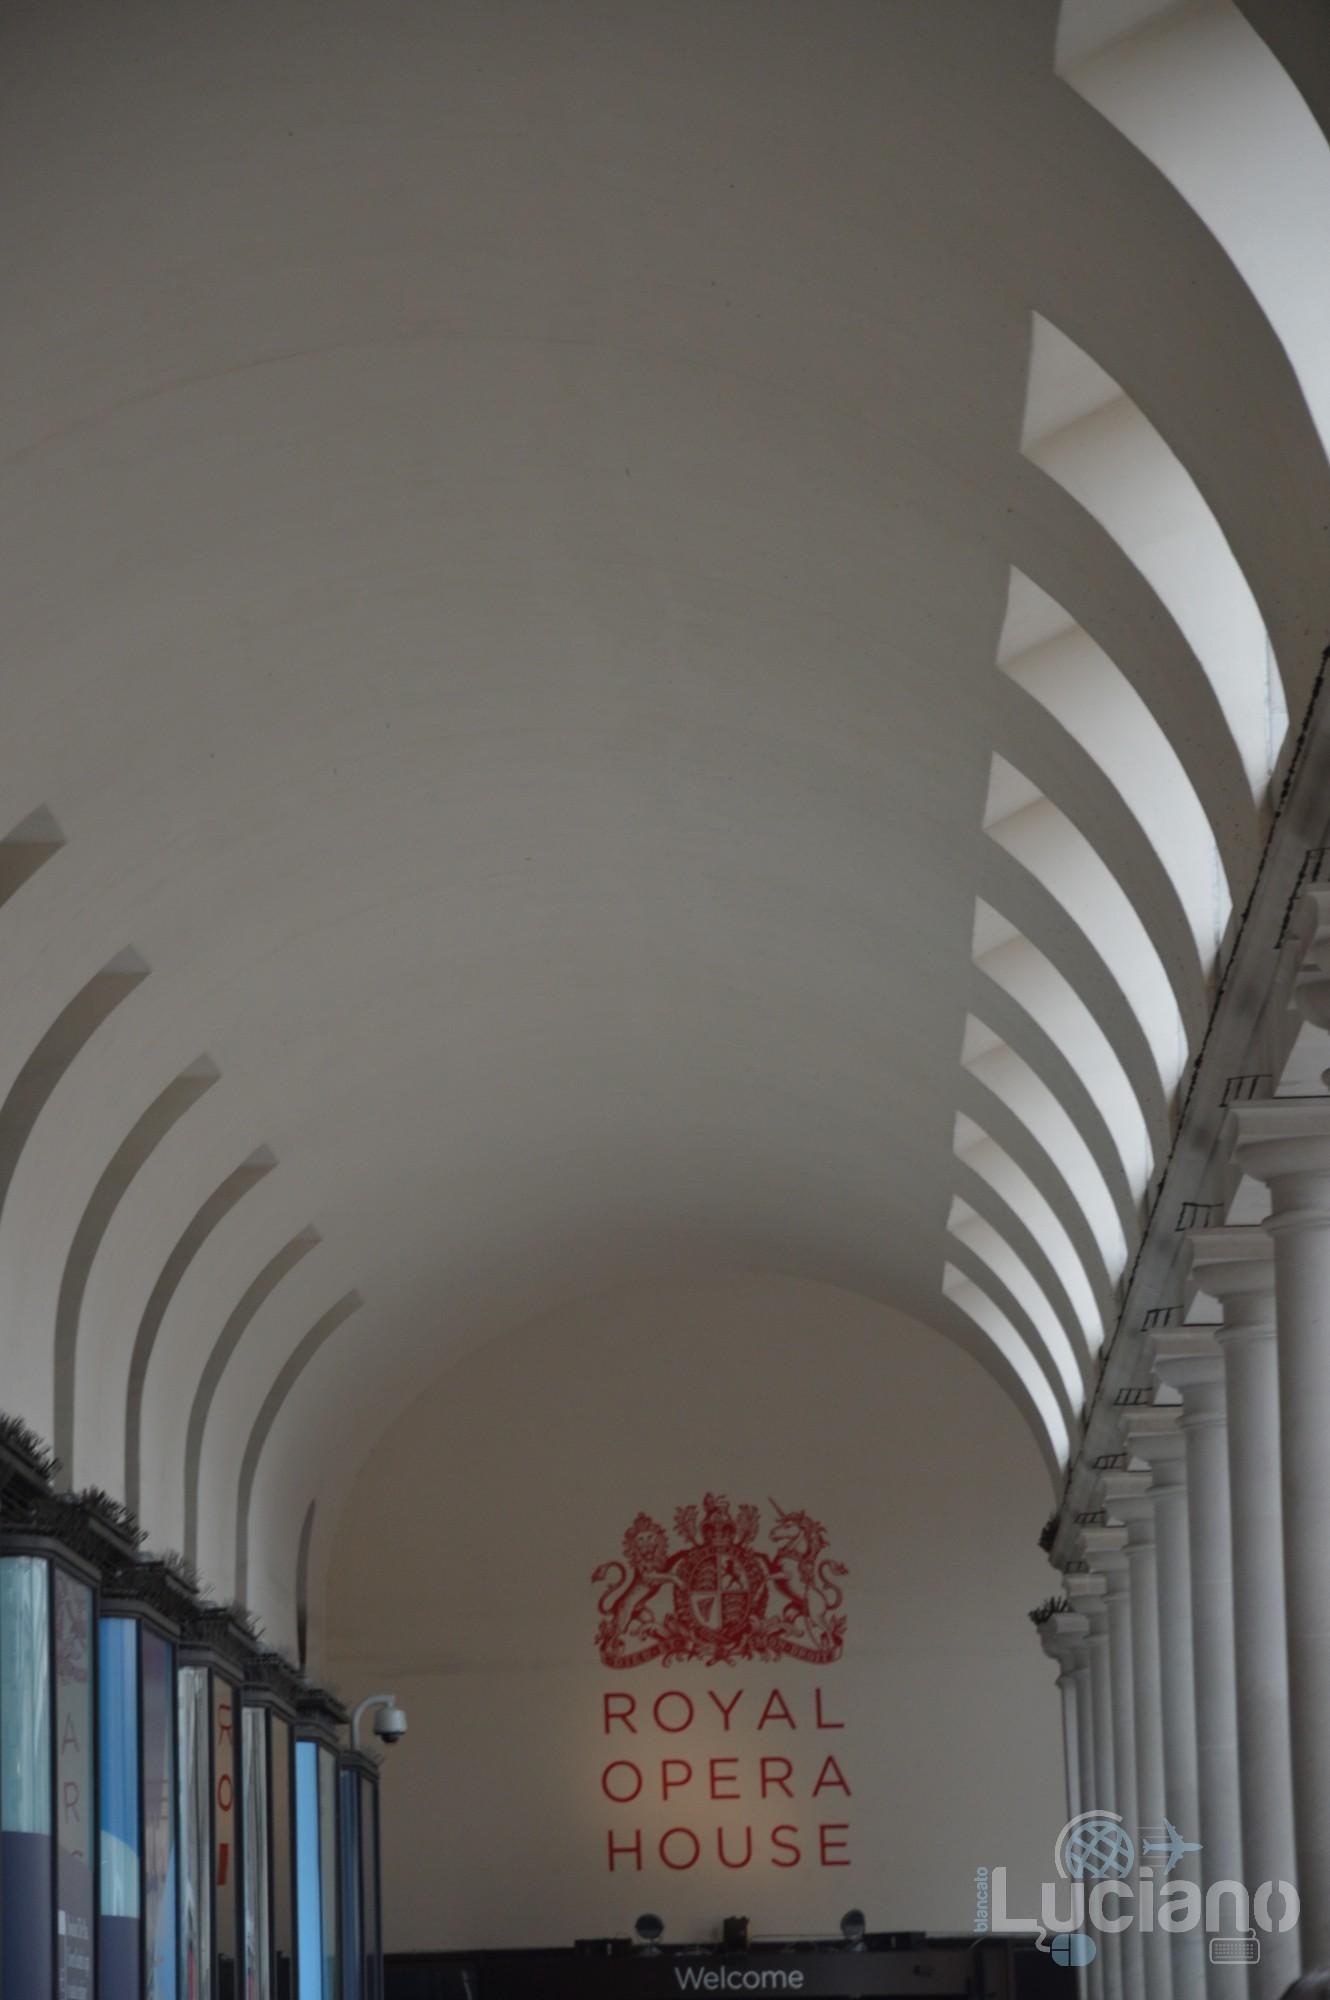 londra-luciano-blancato (307)